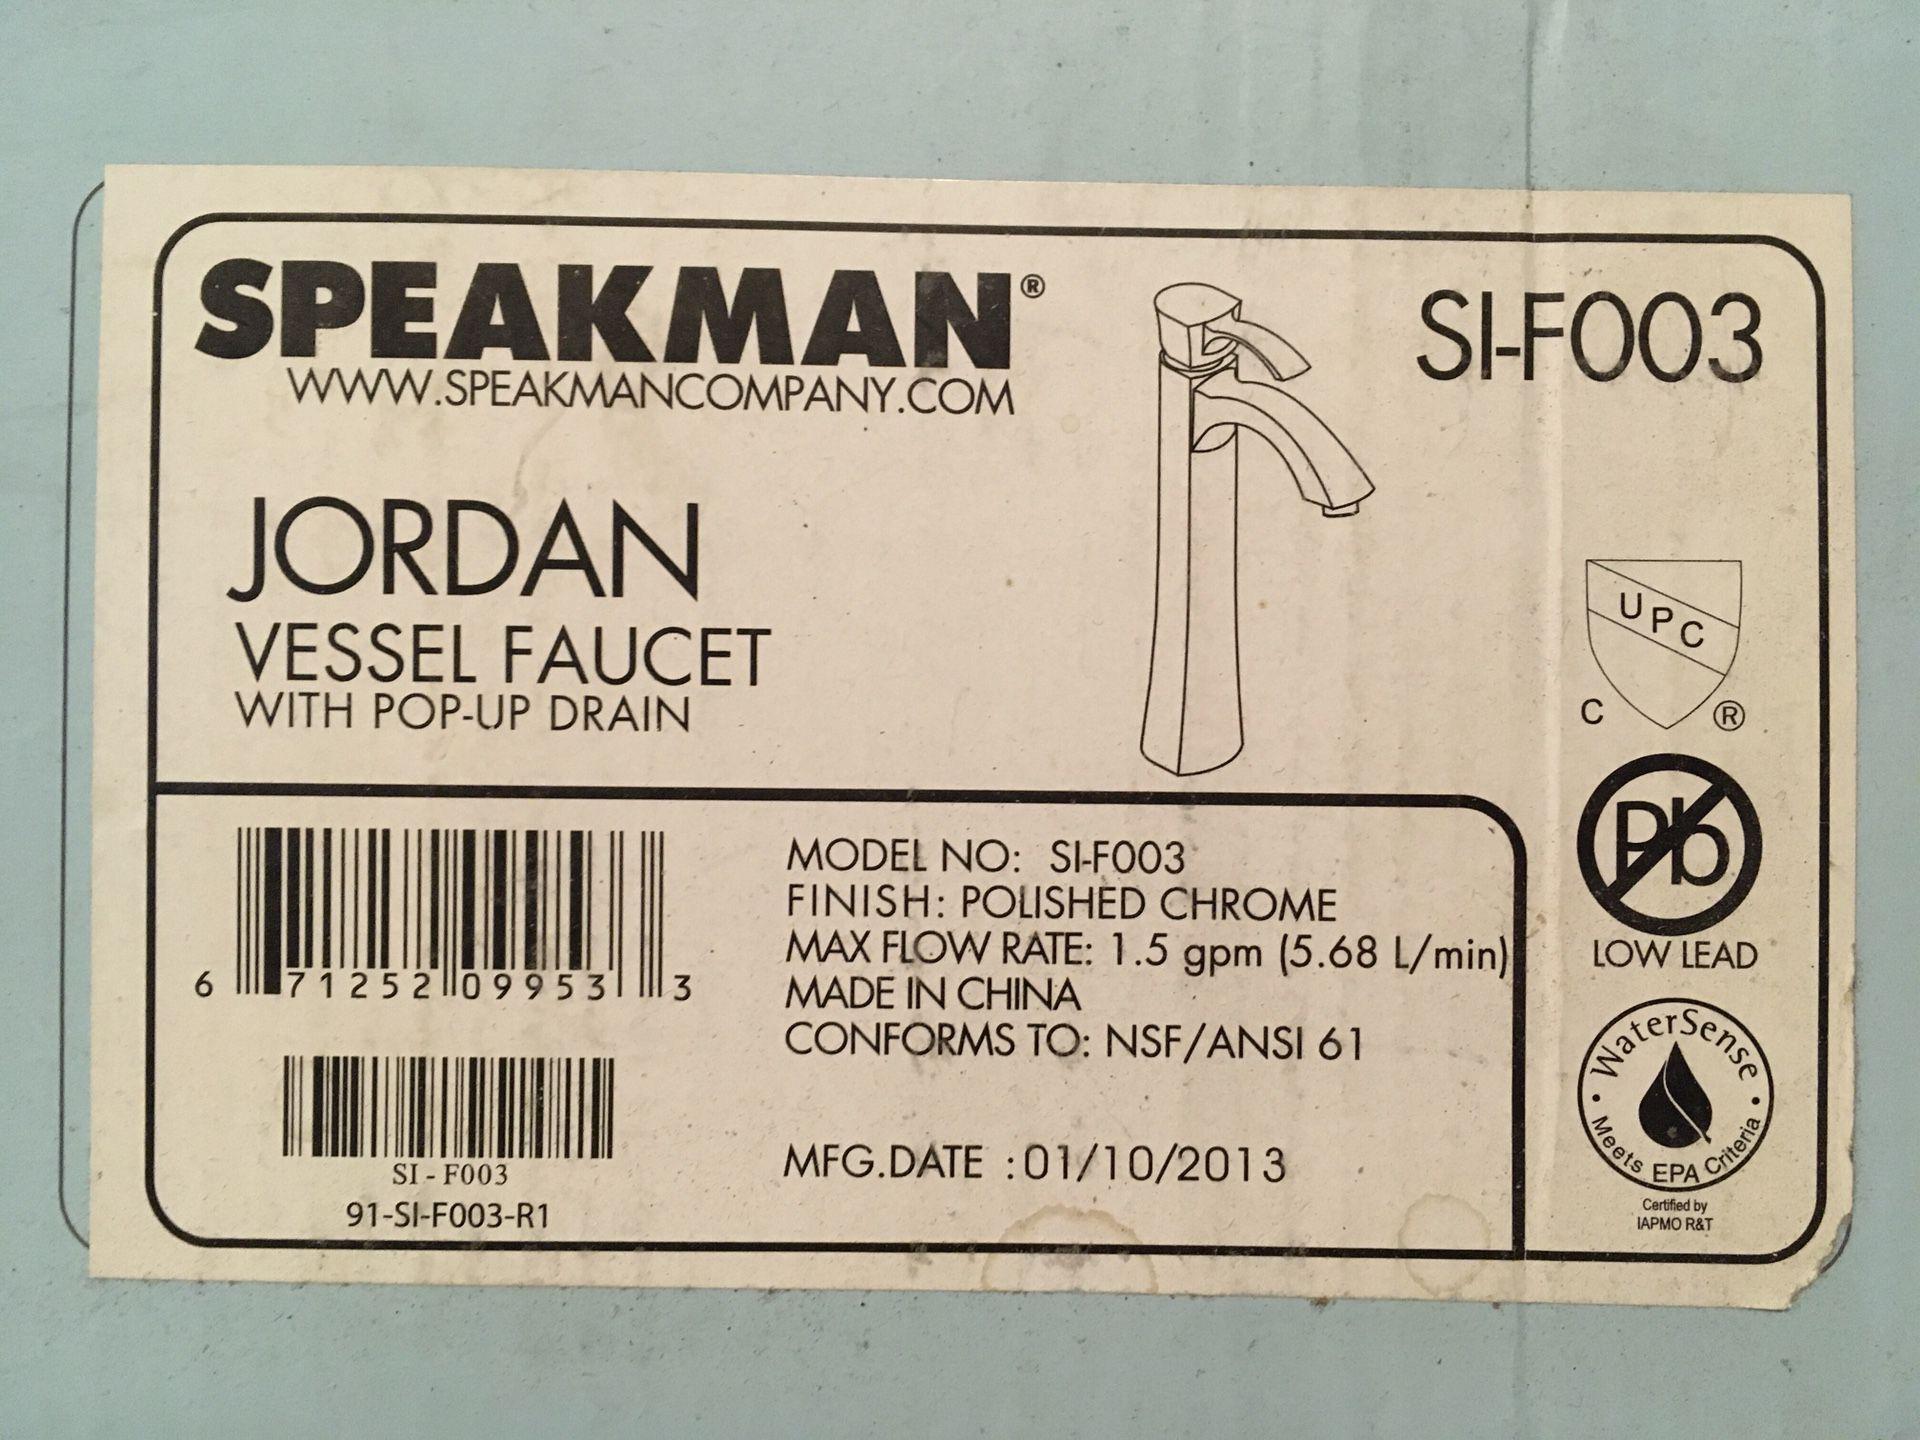 Speakman designer faucet